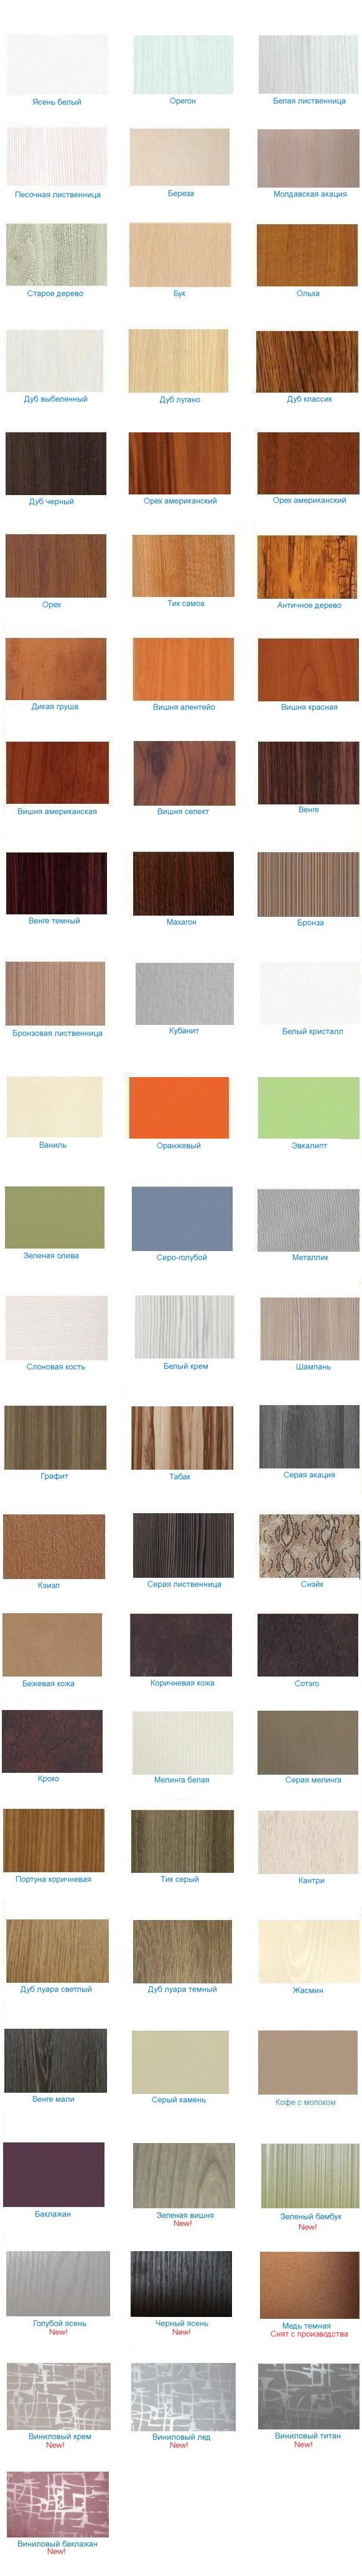 Цветовая гамма мебельных фасадов